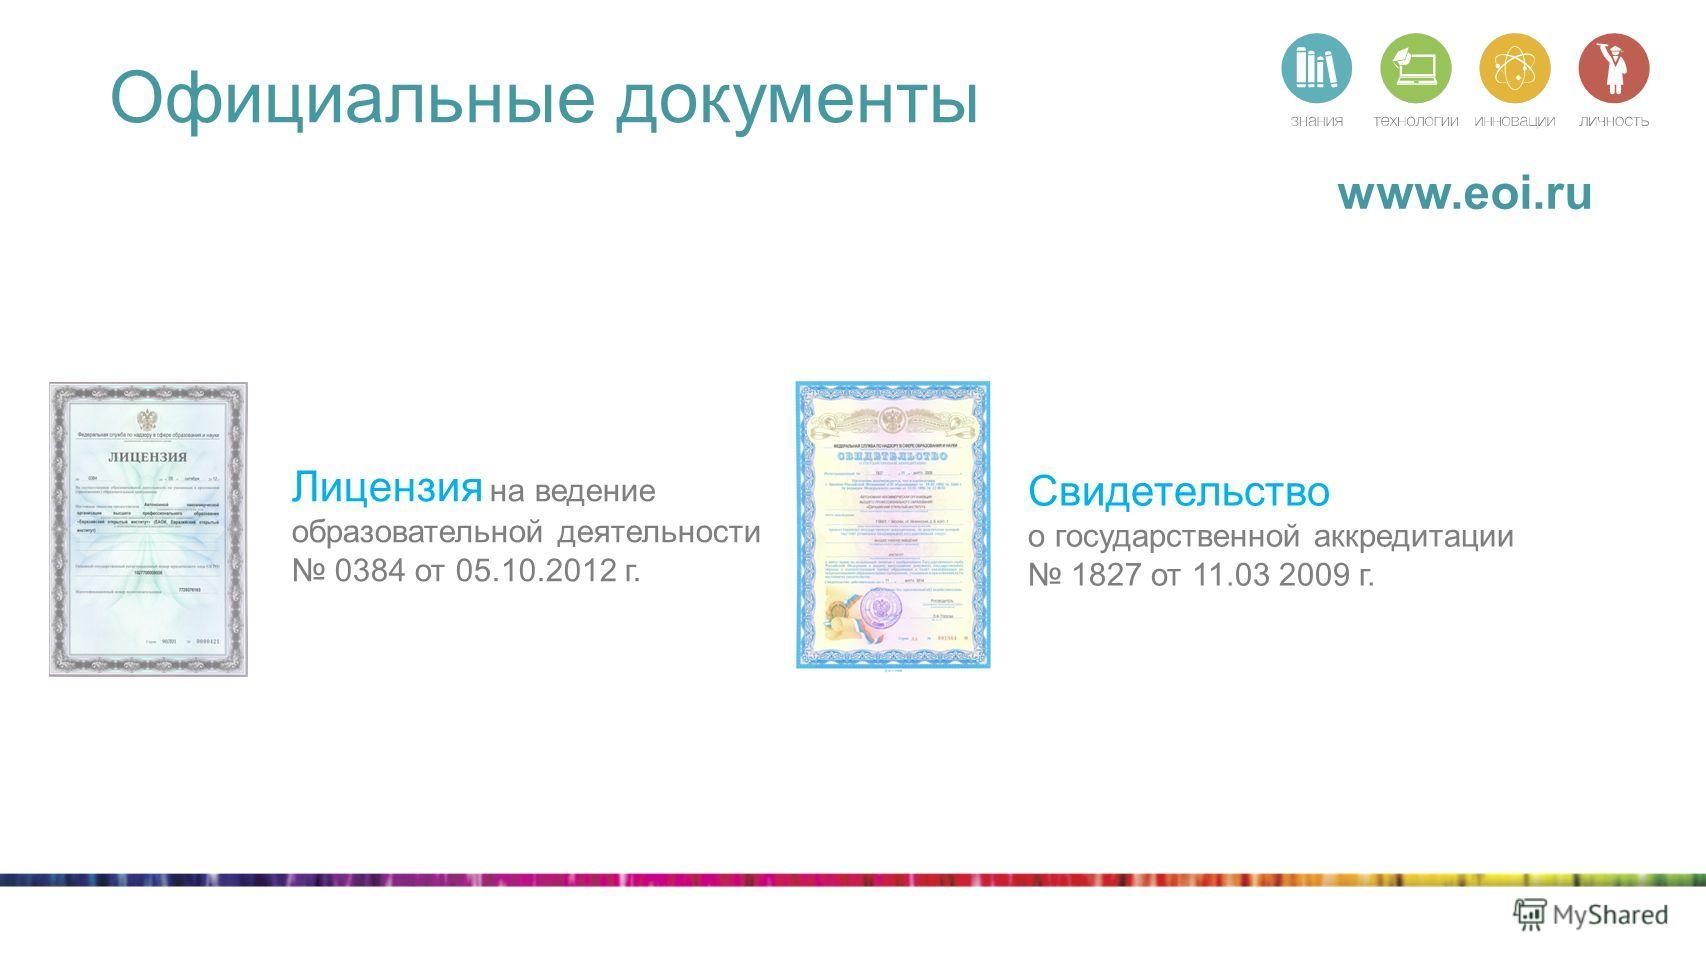 Лицензия на ведение образовательной деятельности 0384 от 05.10.2012 г. Свидетельство о государственной аккредитации 1827 от 11.03 2009 г. Официальные документы www.eoi.ru